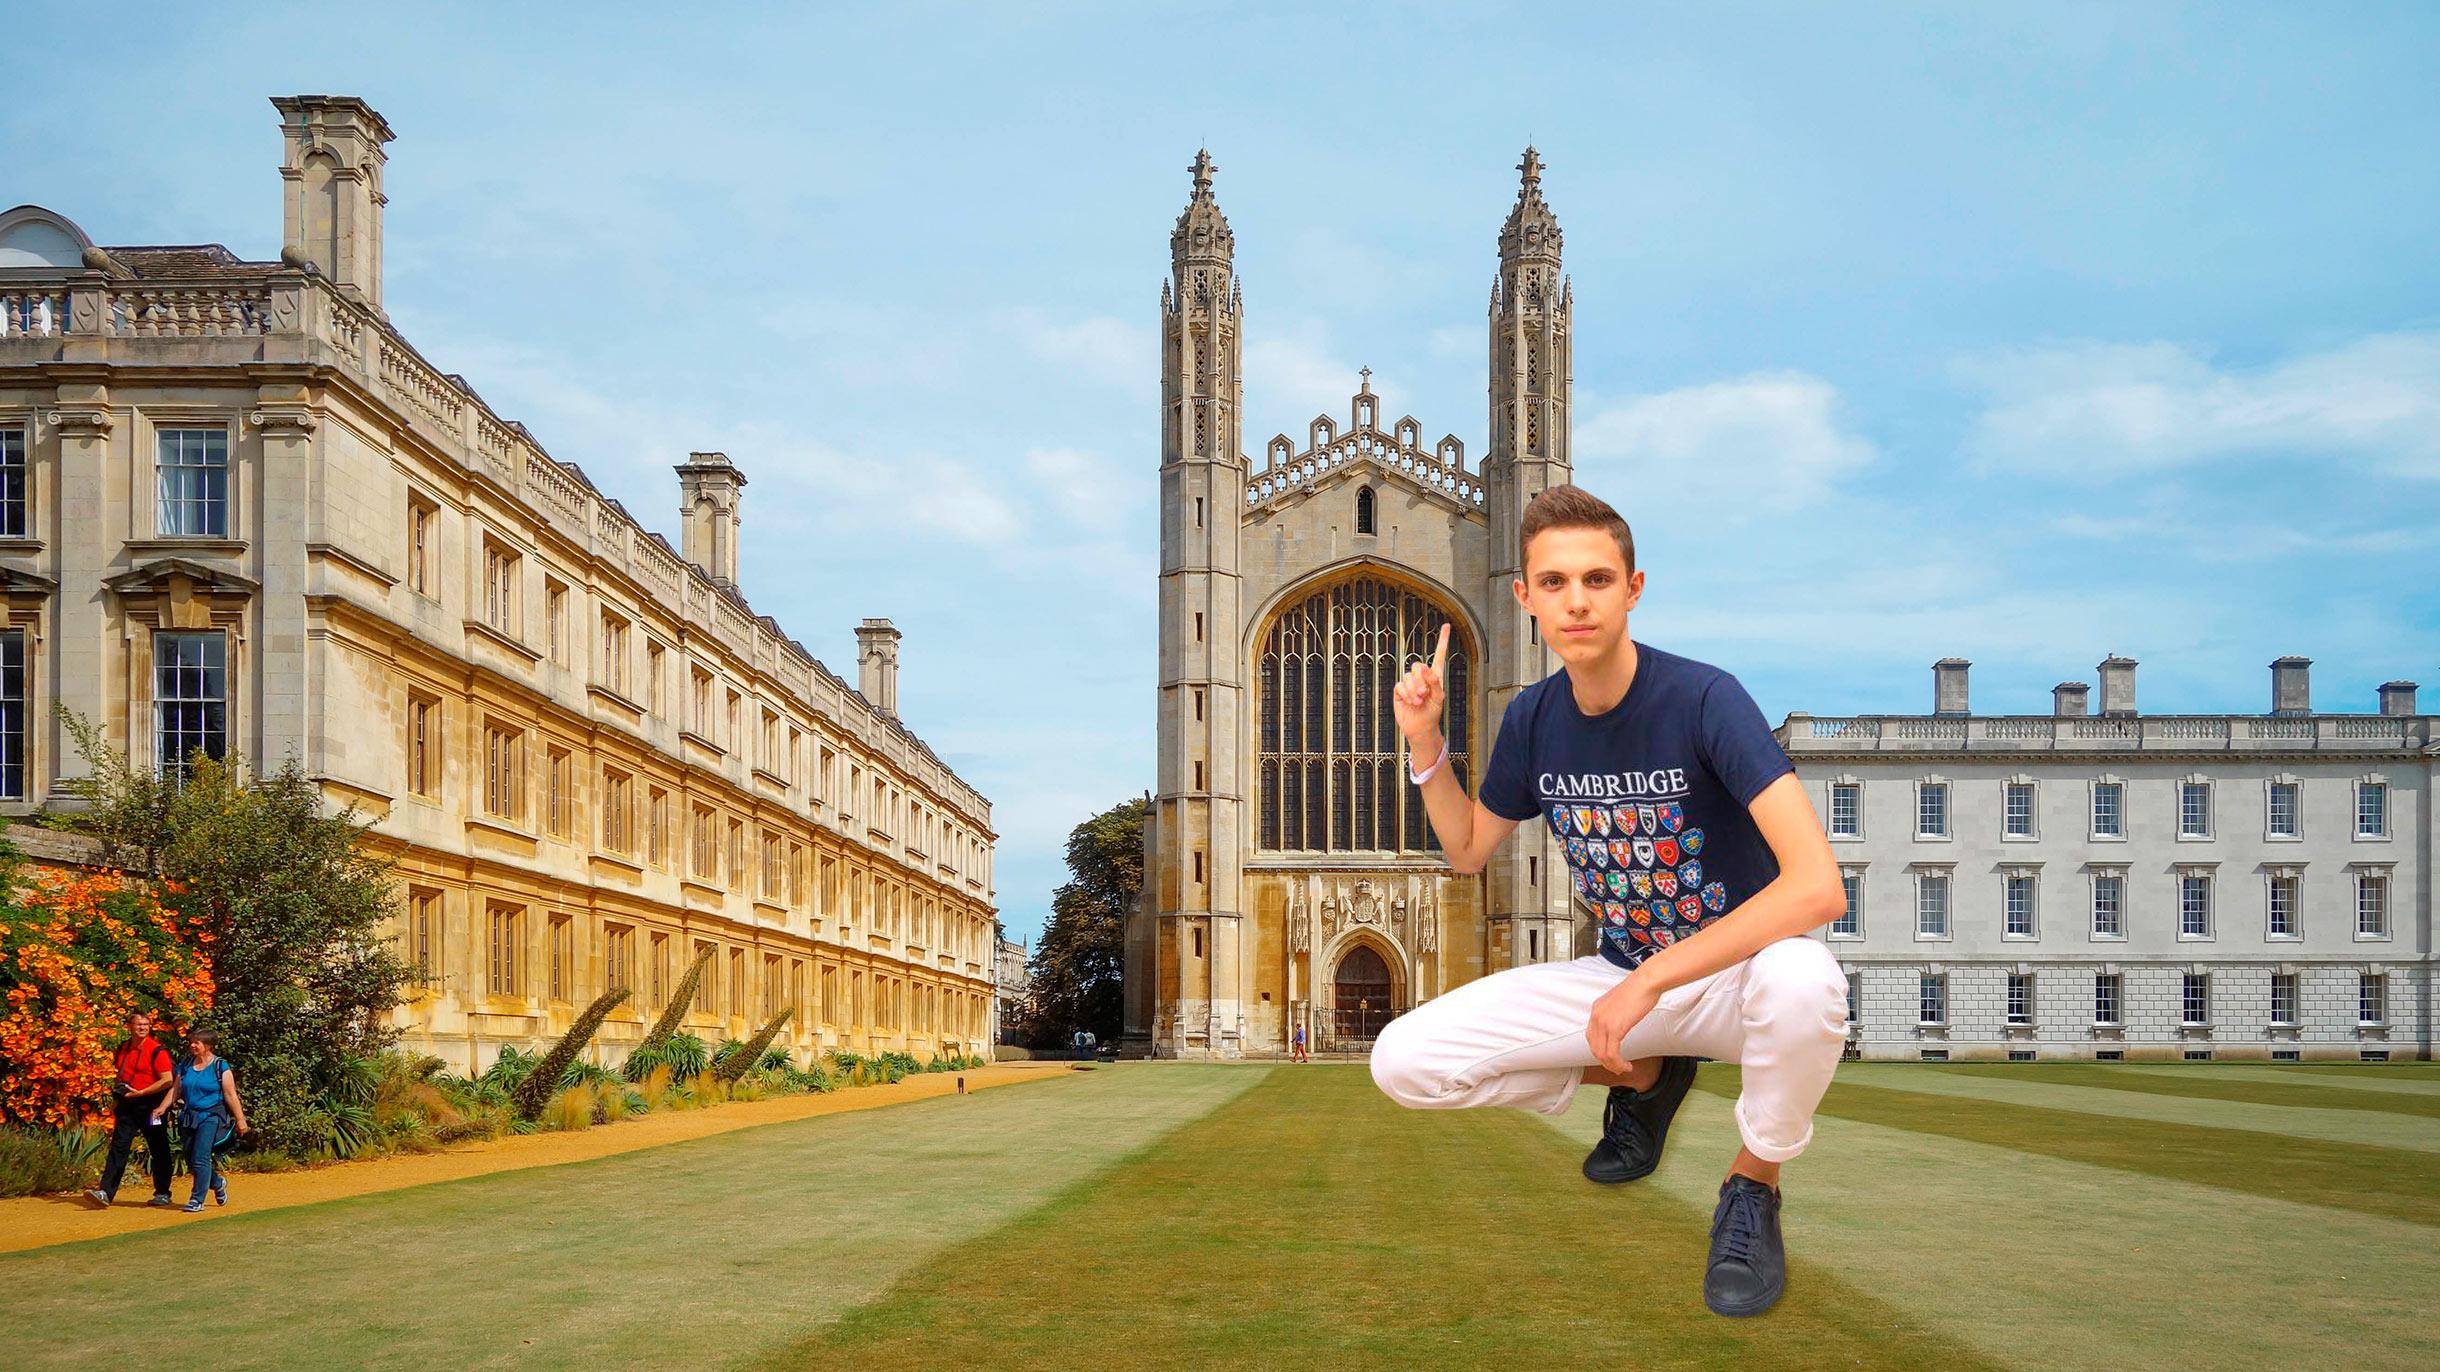 Как в 16 лет самостоятельно организовать поездку в языковую школу в Англии